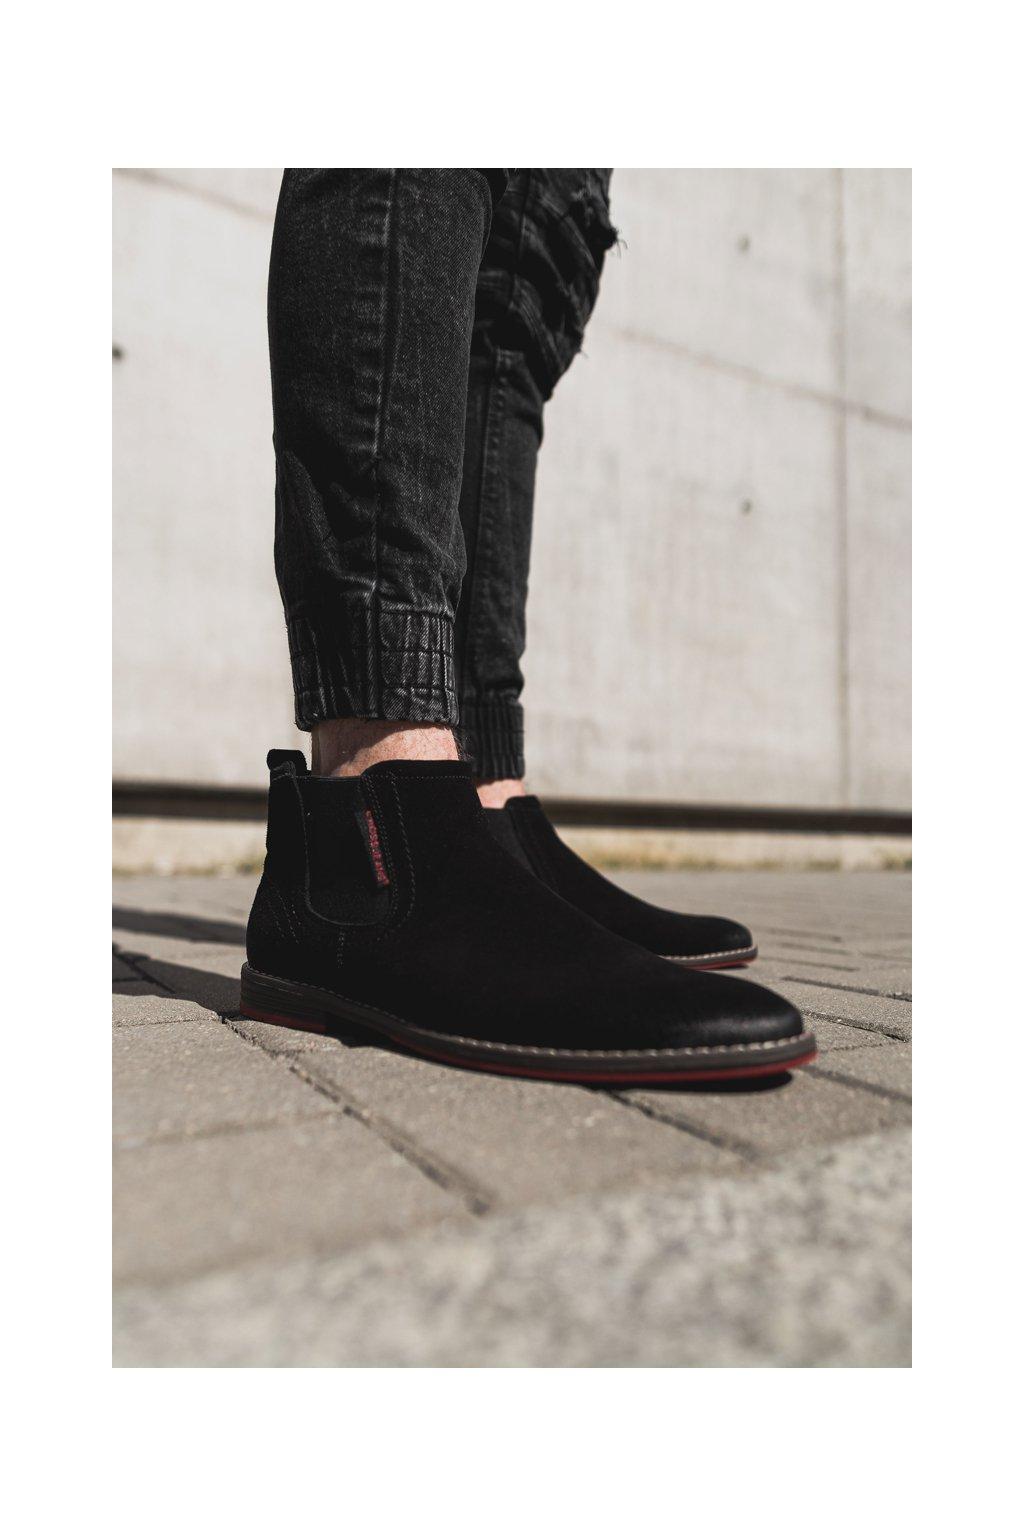 Pánske topánky pérka Cross Jeans čierne EE1R4066C